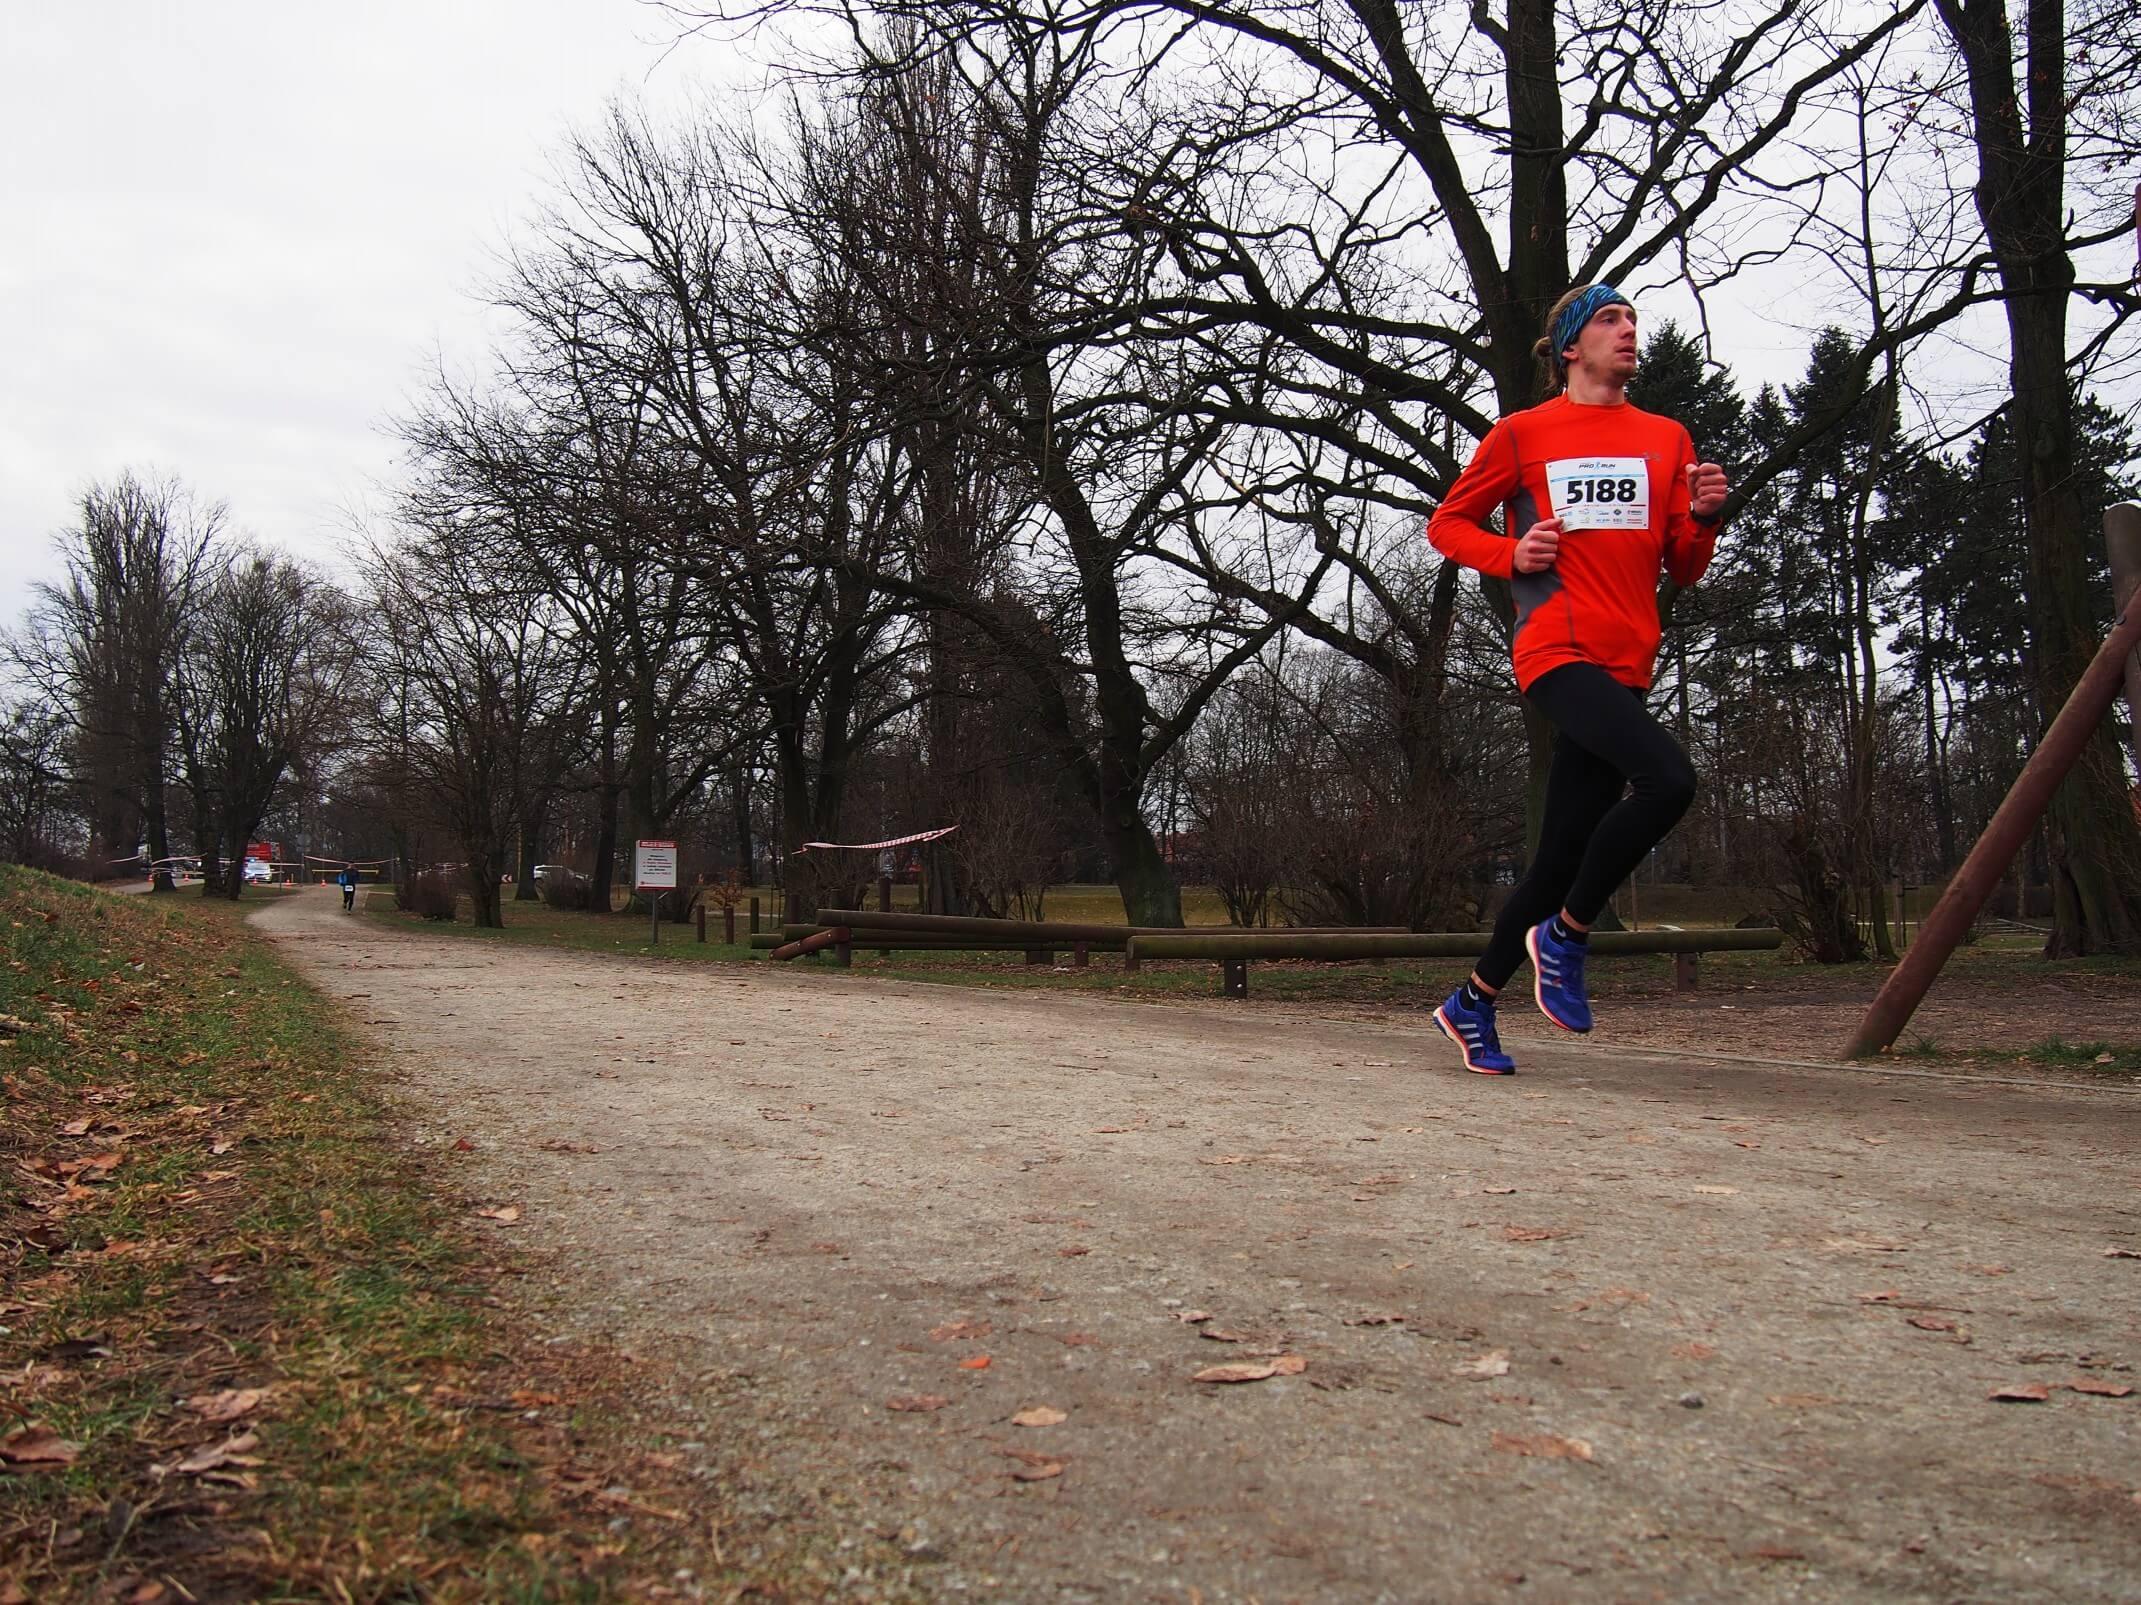 Superkompensacja kiedy wykonywać trening? — Maraton w 140